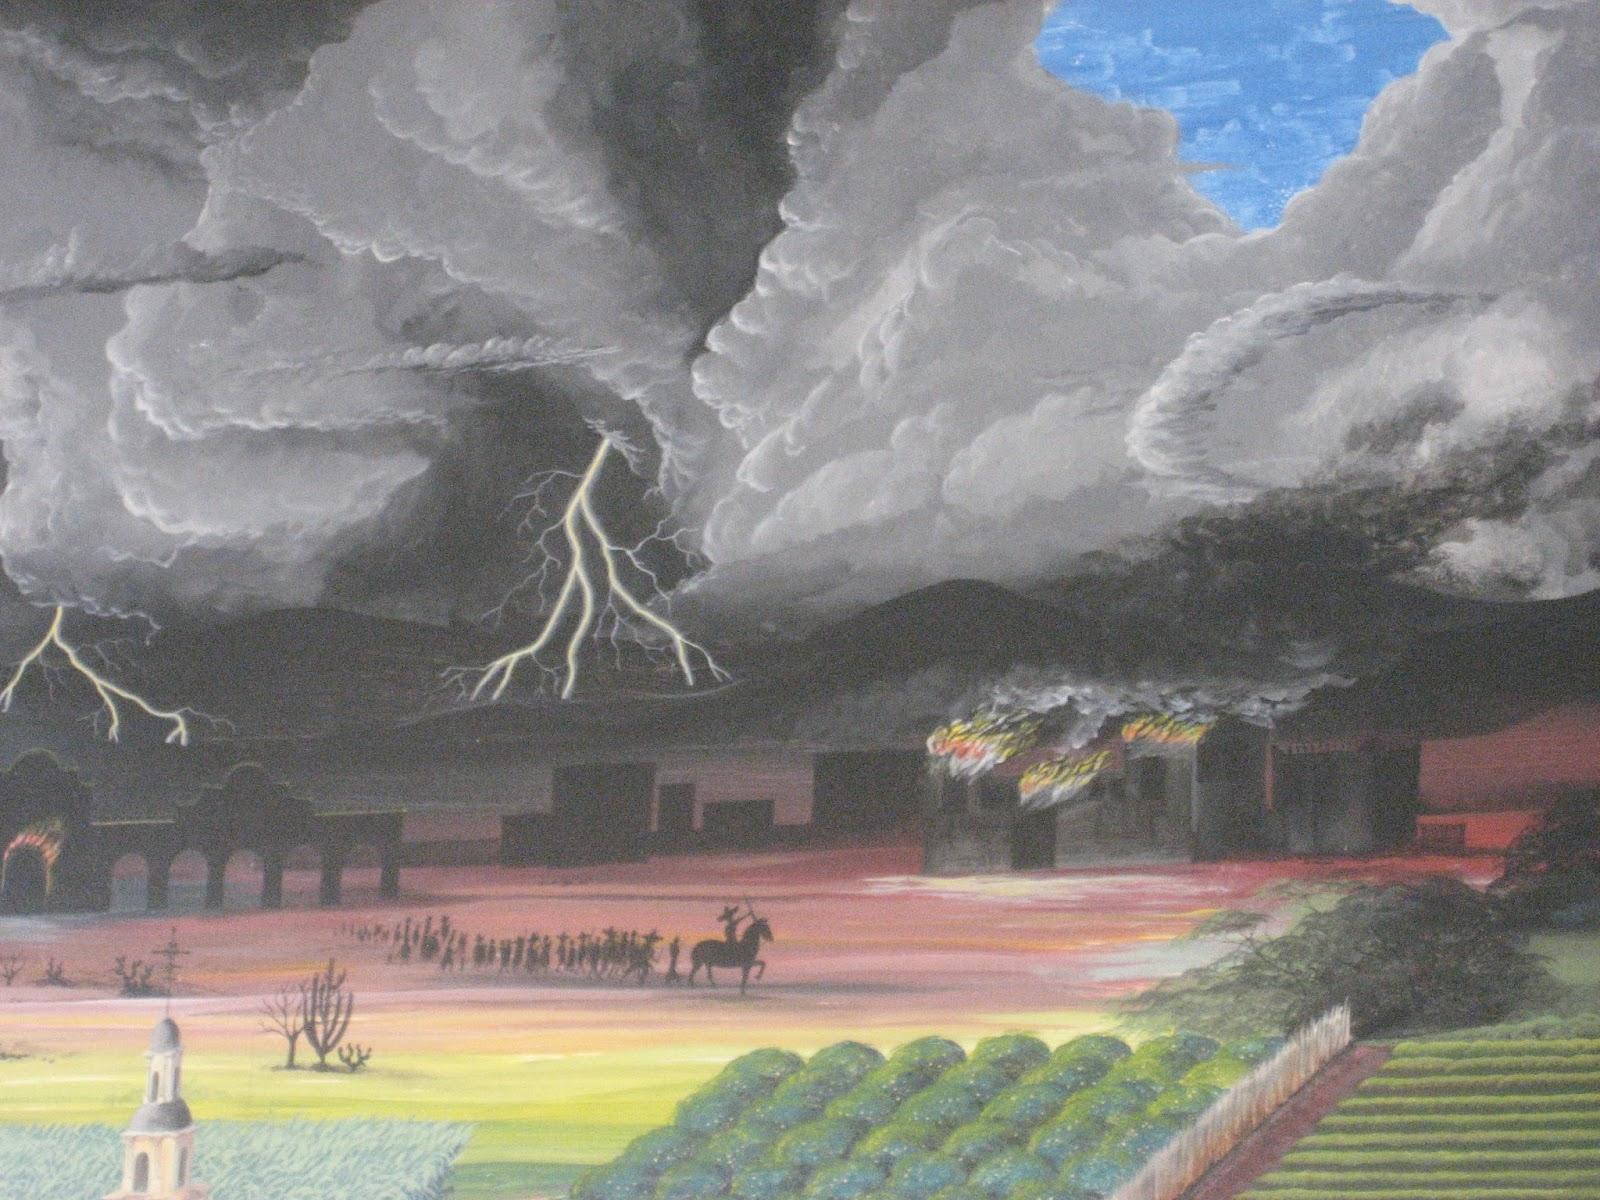 Mural que se encuentra en la escuela preparatoria de for Mural prepa 1 uaemex